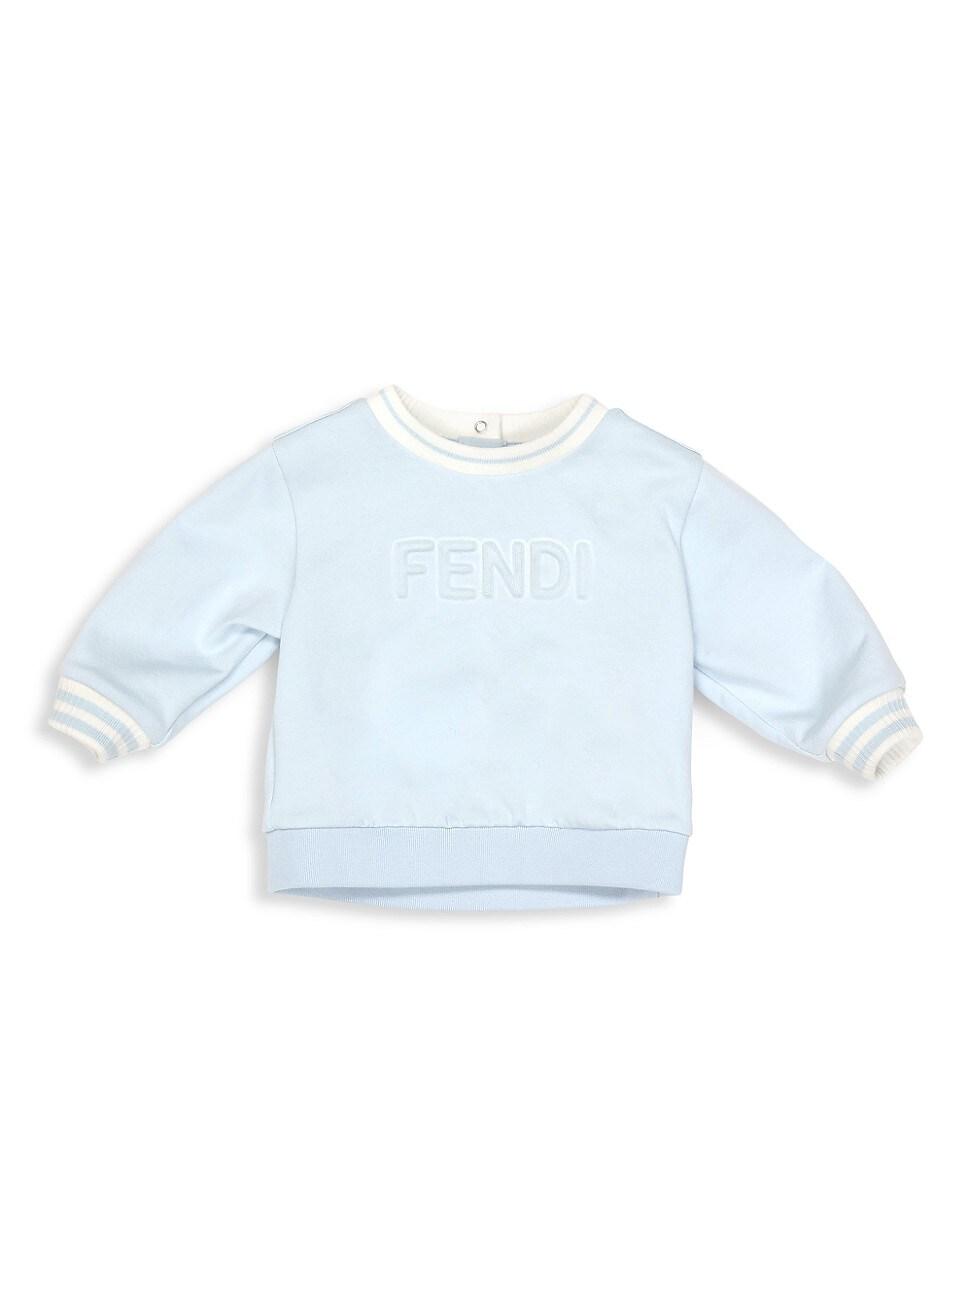 Fendi Baby Boy's Logo Sweatshirt In Blue